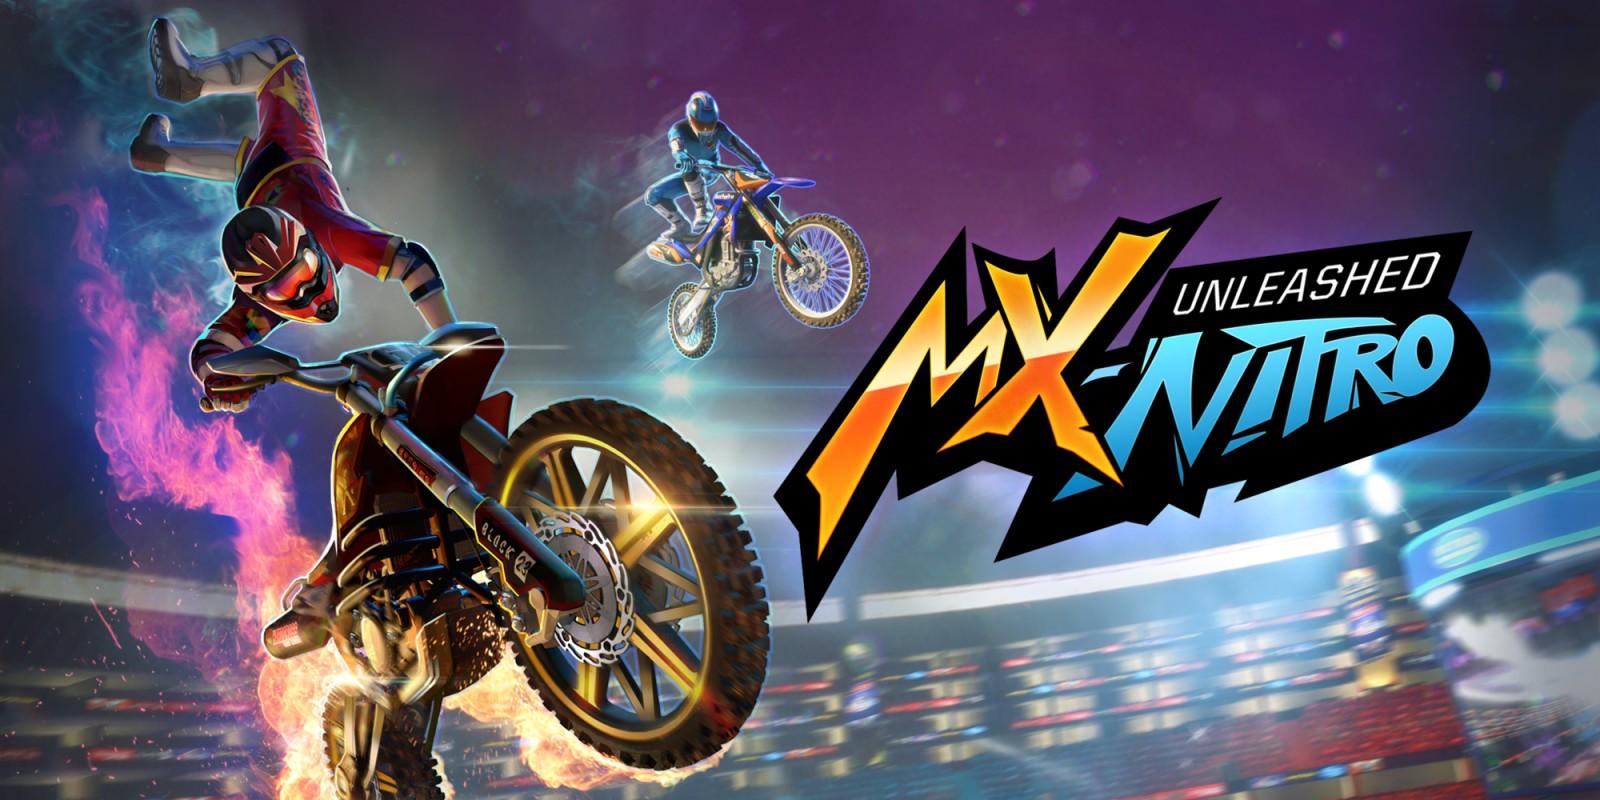 MotoX Nitro - Free Games